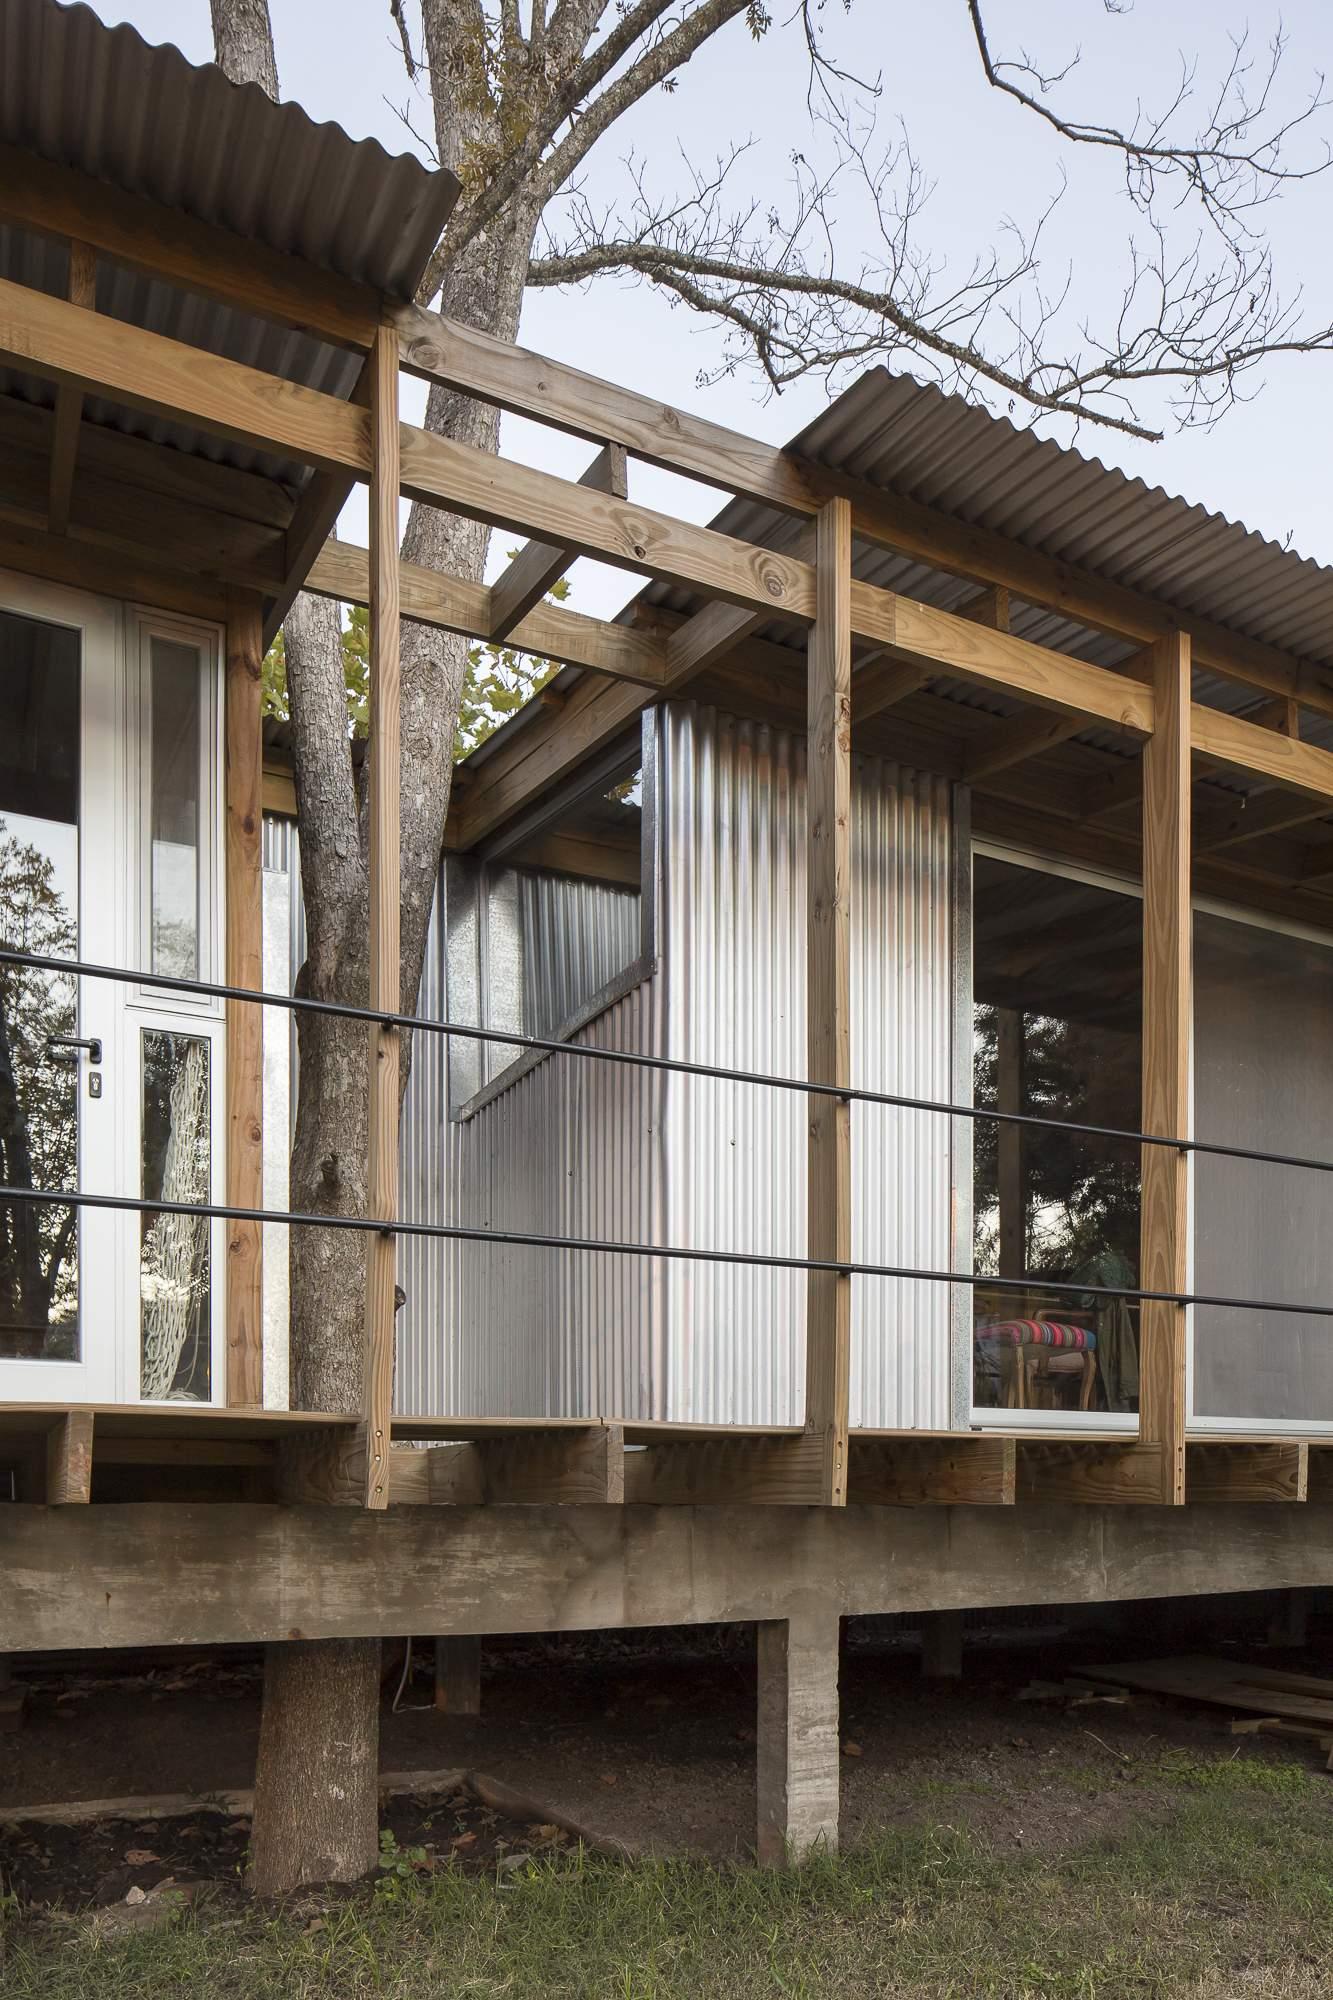 Дачный дом на сваях в стиле хижины, Аргентина